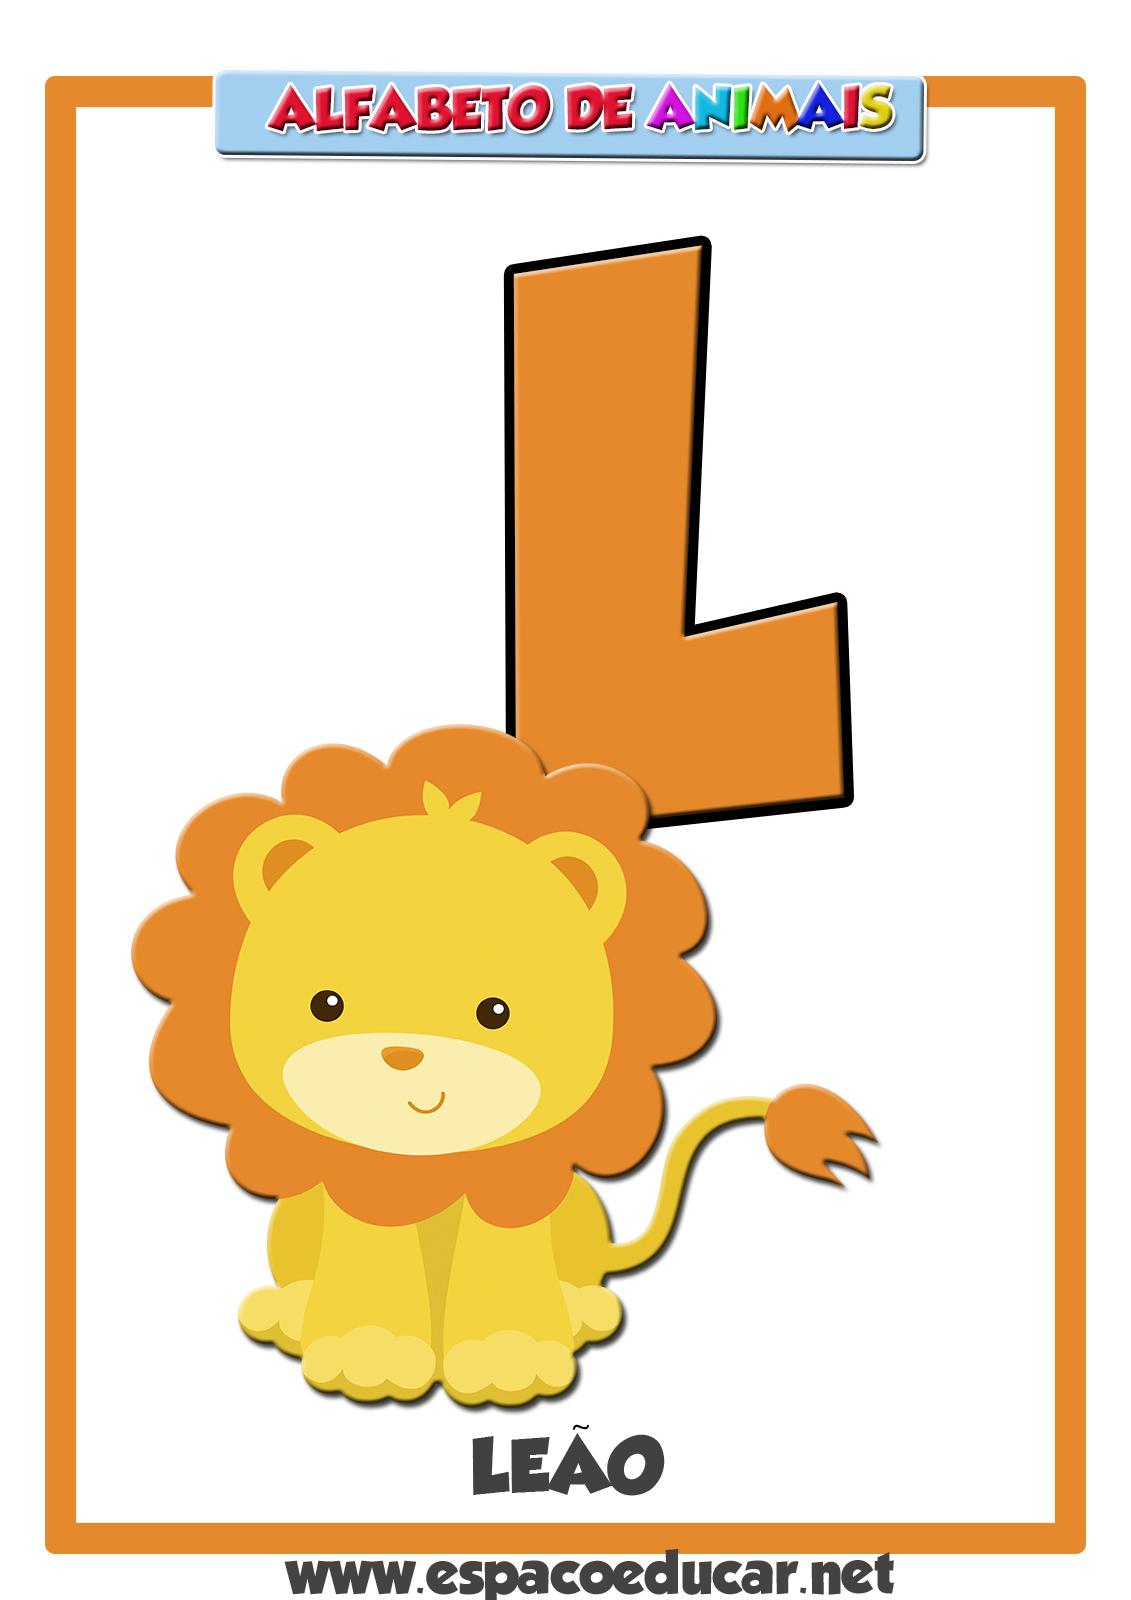 Super ESPAÇO EDUCAR: Alfabeto de animais: Letra L, do leão! KU25